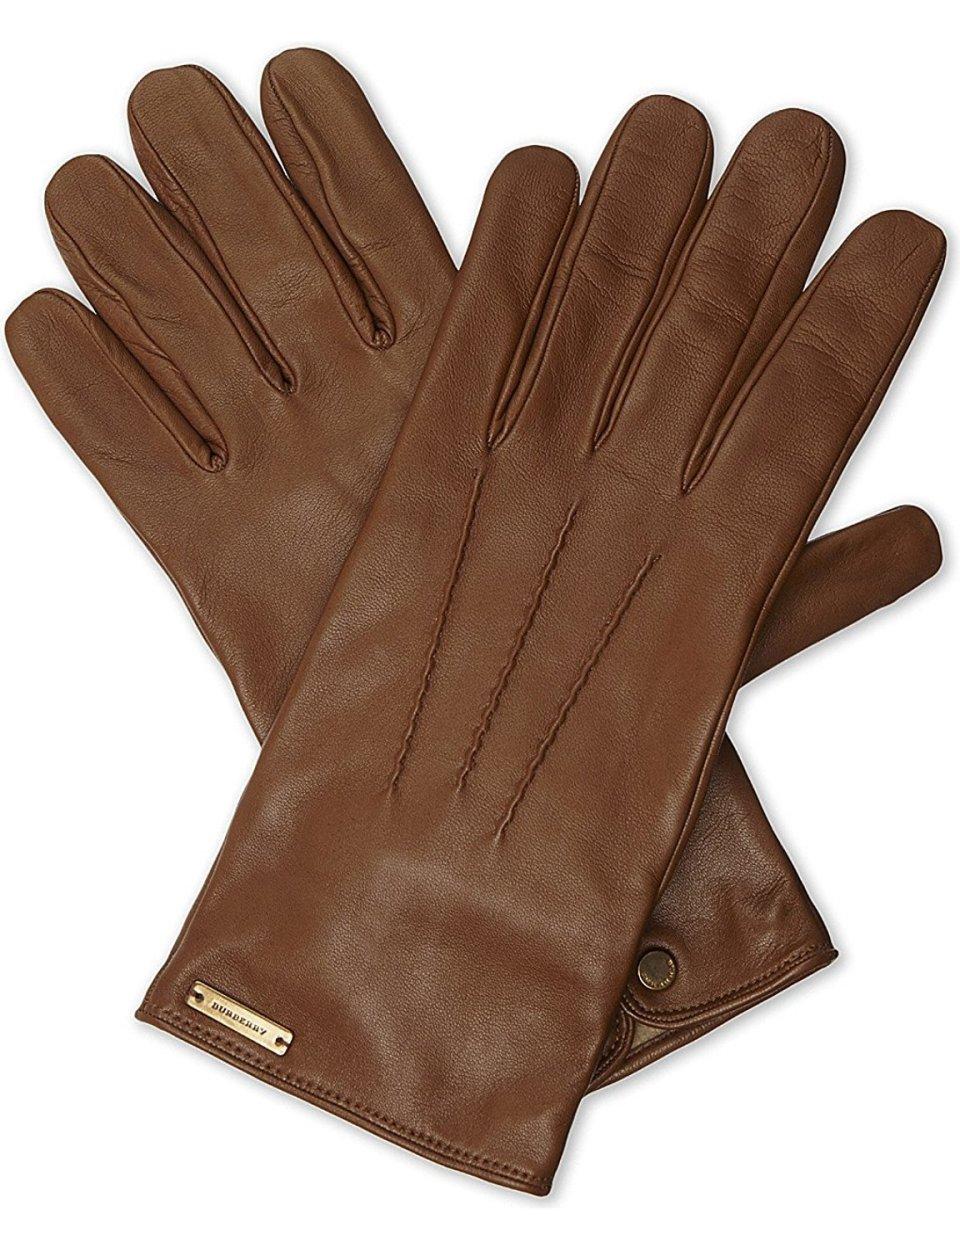 秋冬スーツのお供「メンズ手袋」を展開するブランド3選。スーツスタイルをかっこよく、あったかく。 5番目の画像